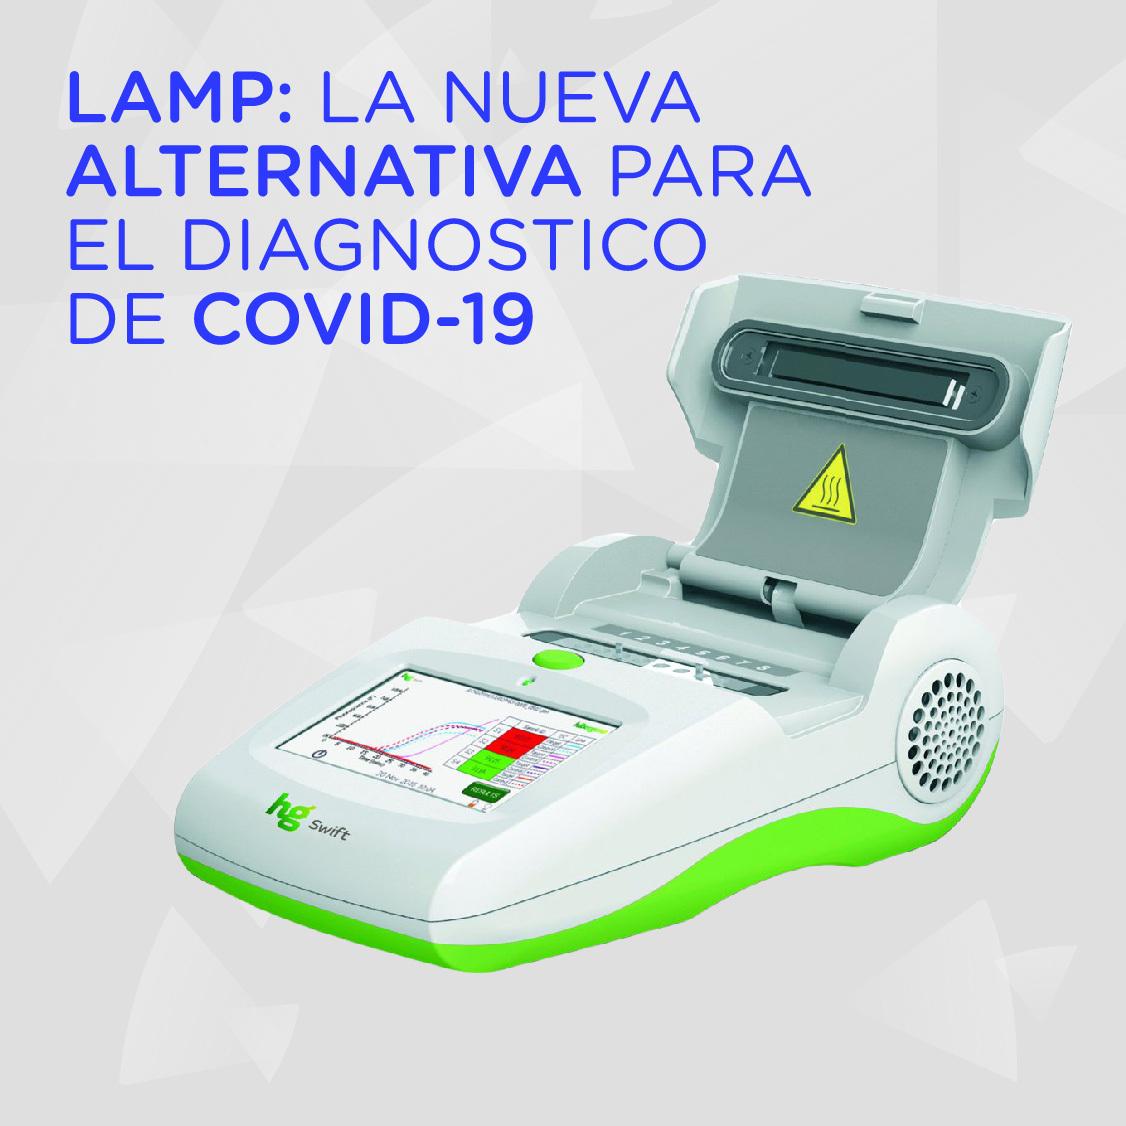 LAMP: La Nueva Alternativa Para El Diagnóstico De Covid-19